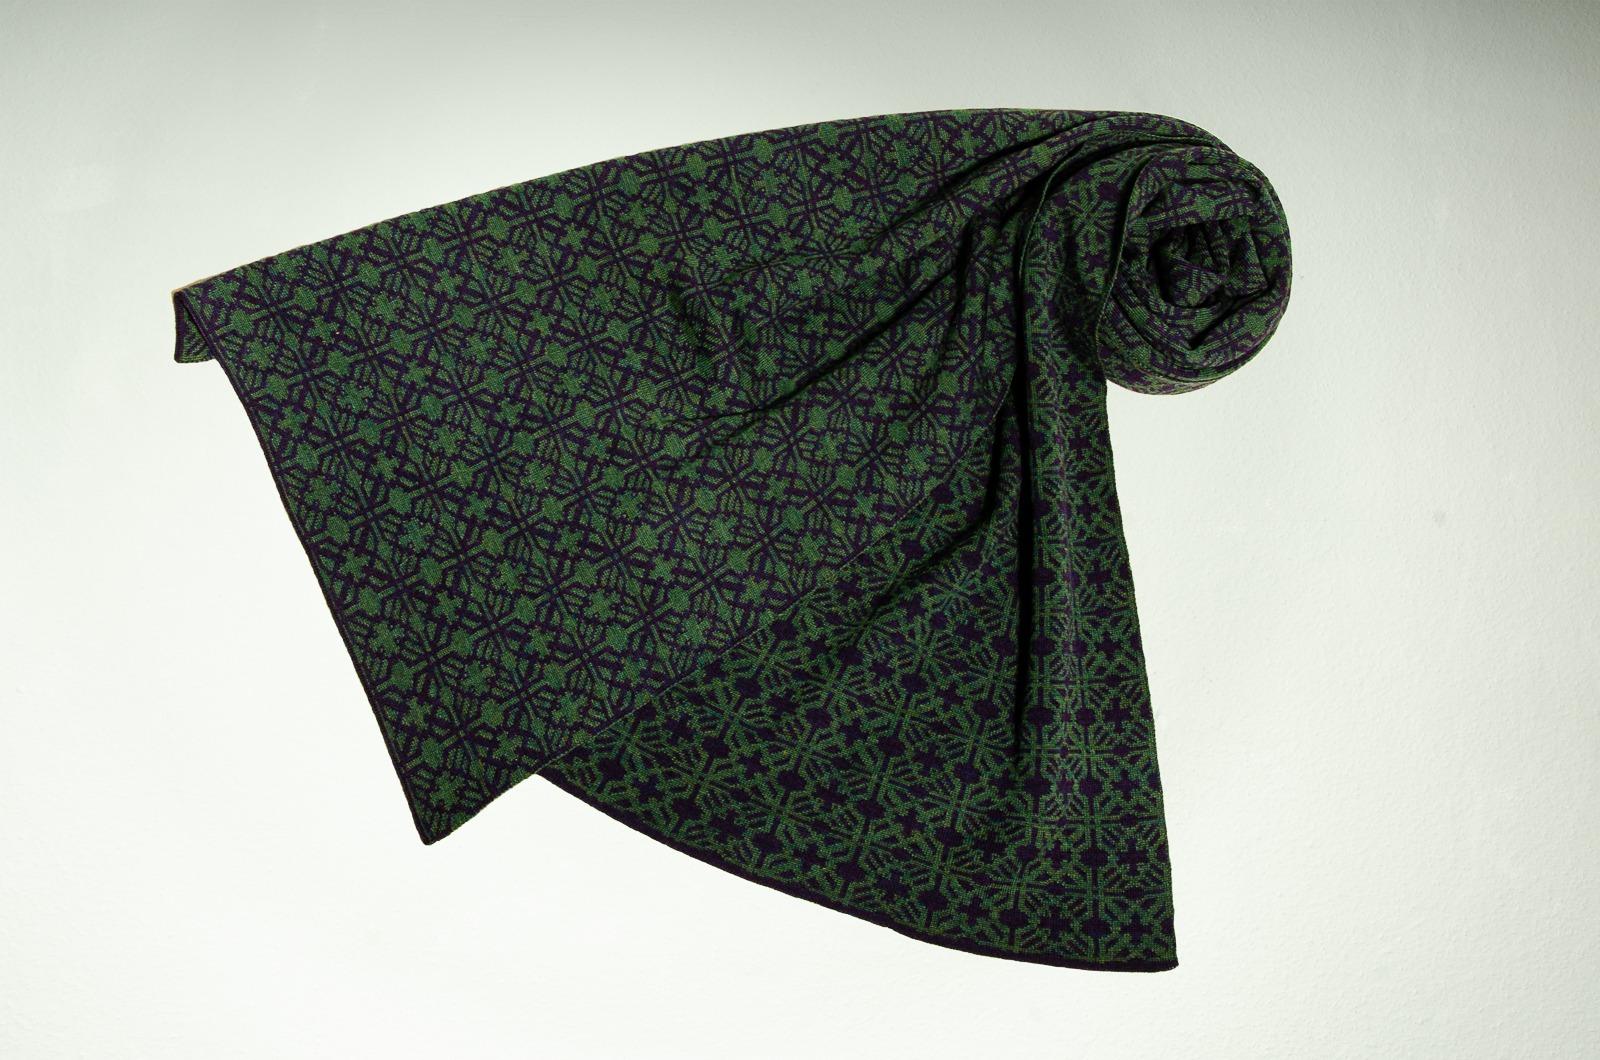 Merino Schal Irland in dunkelgrün und